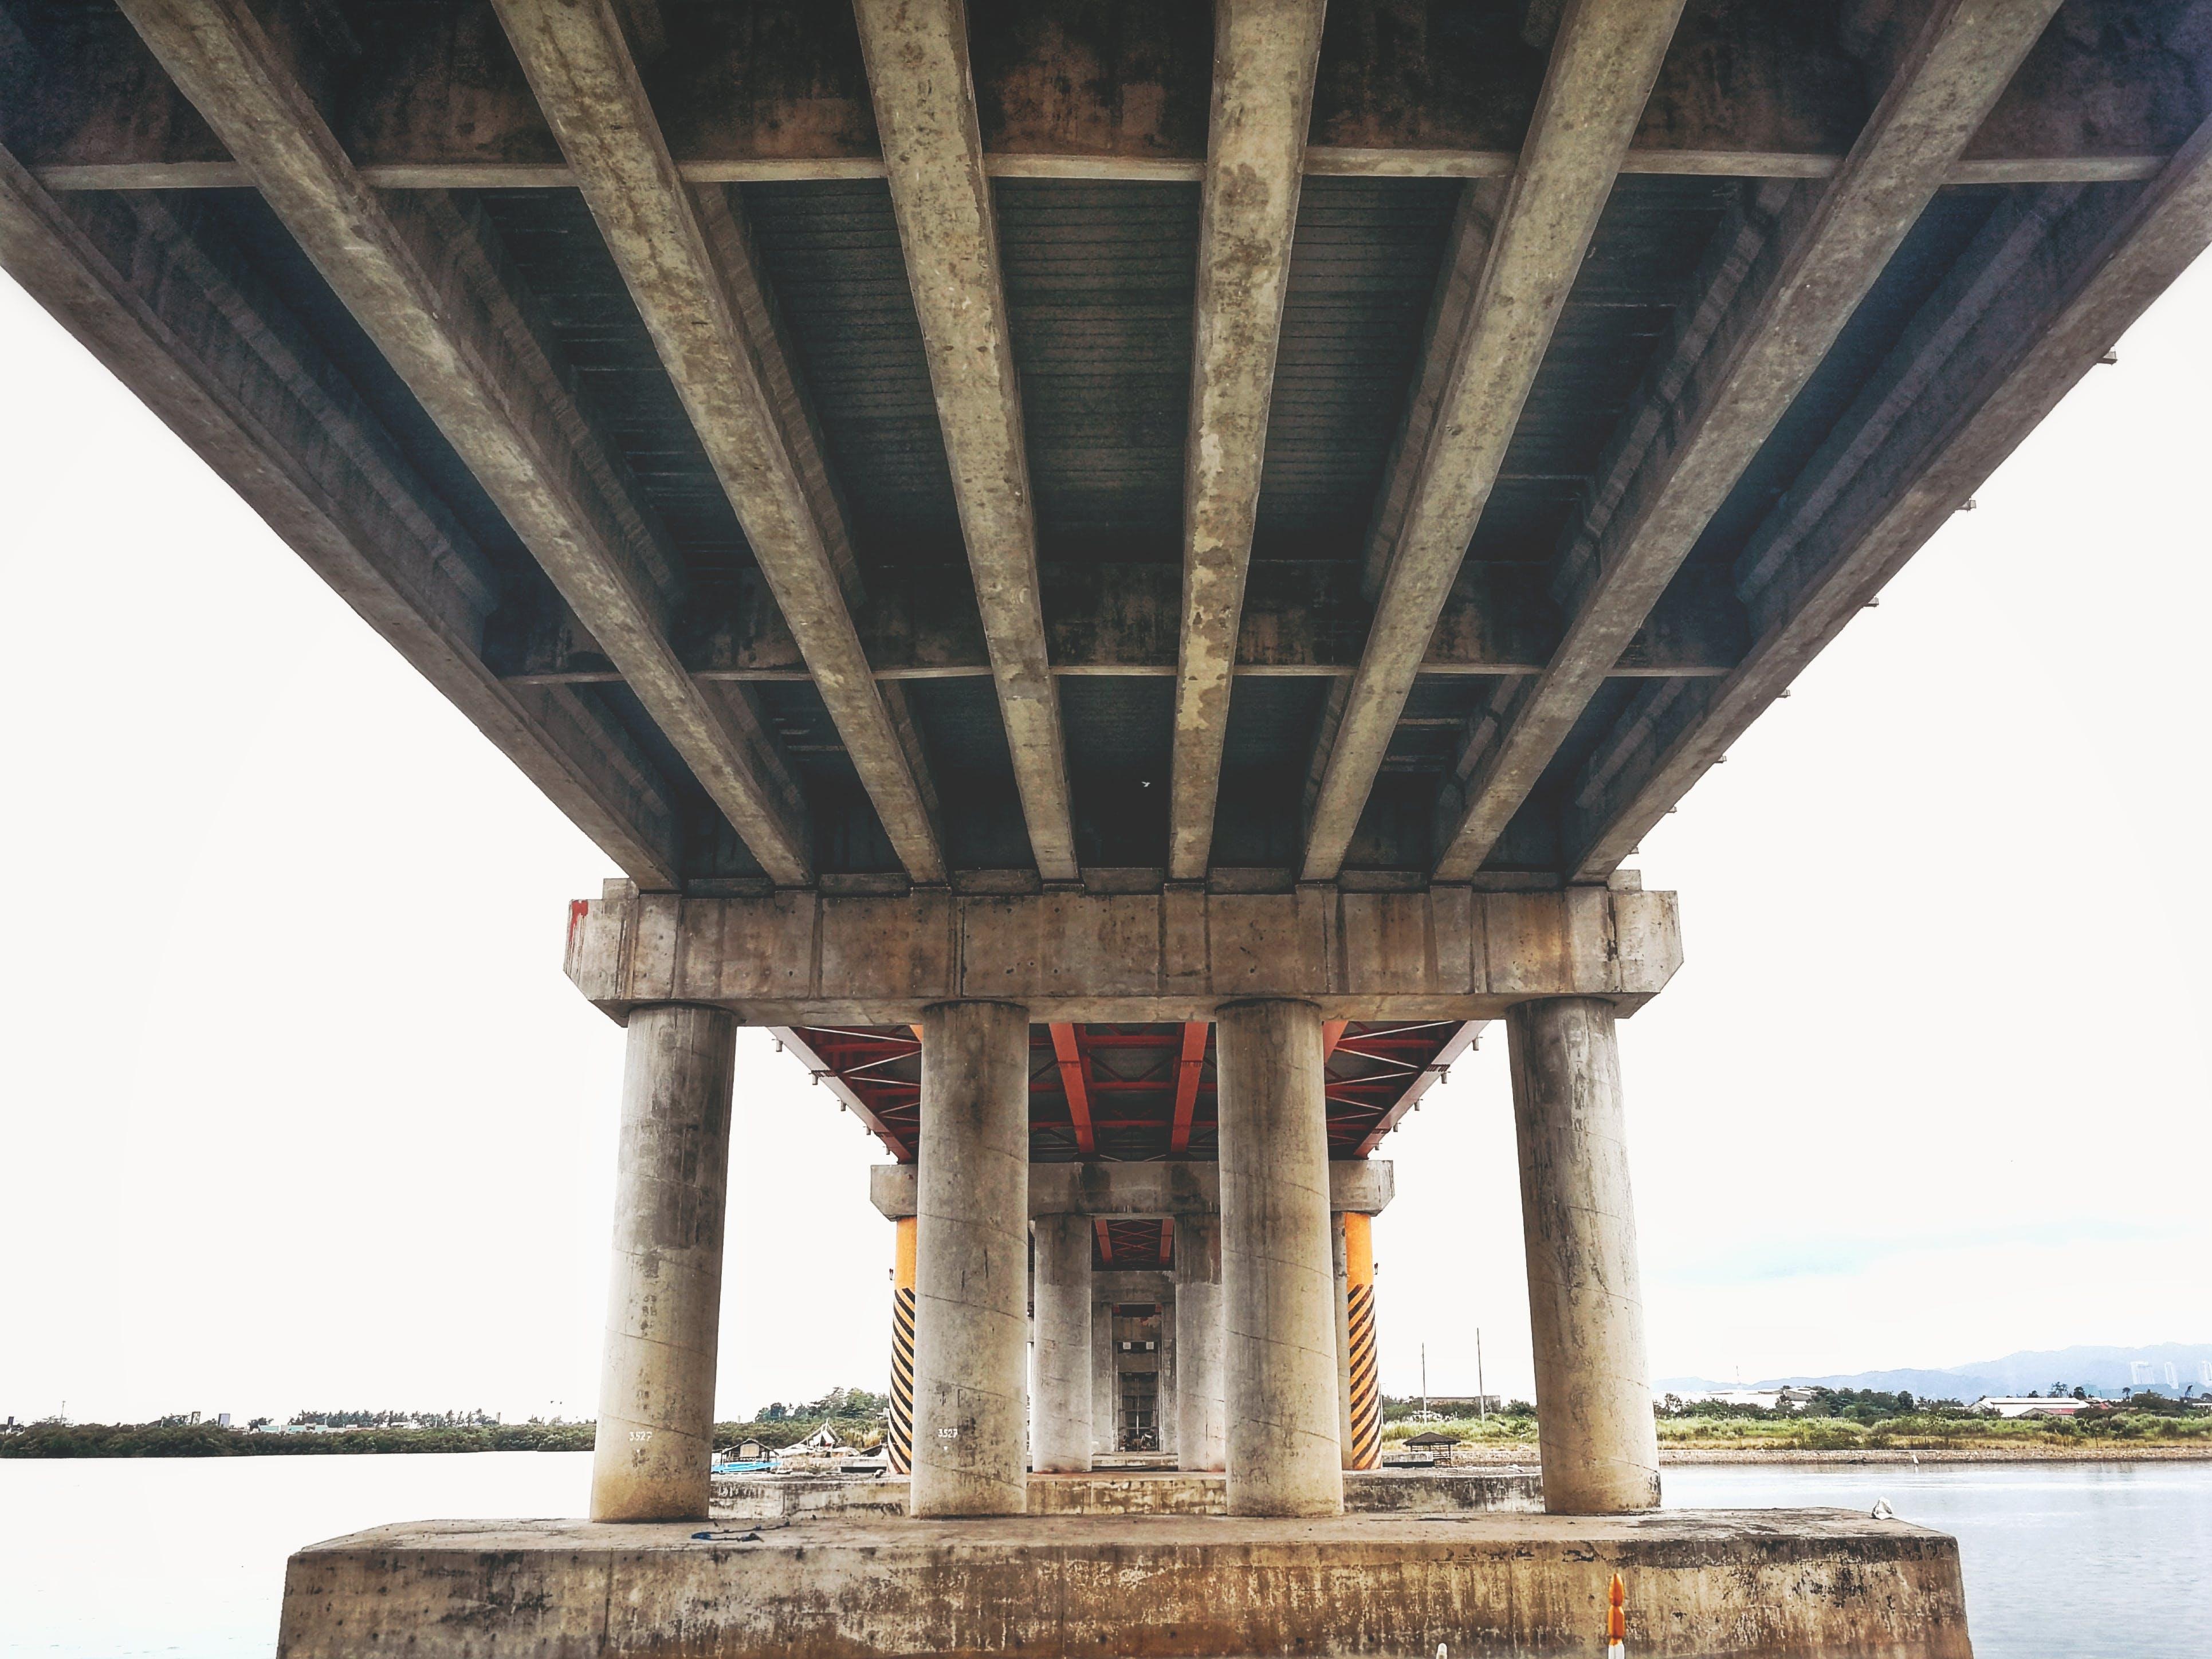 Δωρεάν στοκ φωτογραφιών με γέφυρα, δουλειά, κατασκευή, κάτω από τη γέφυρα